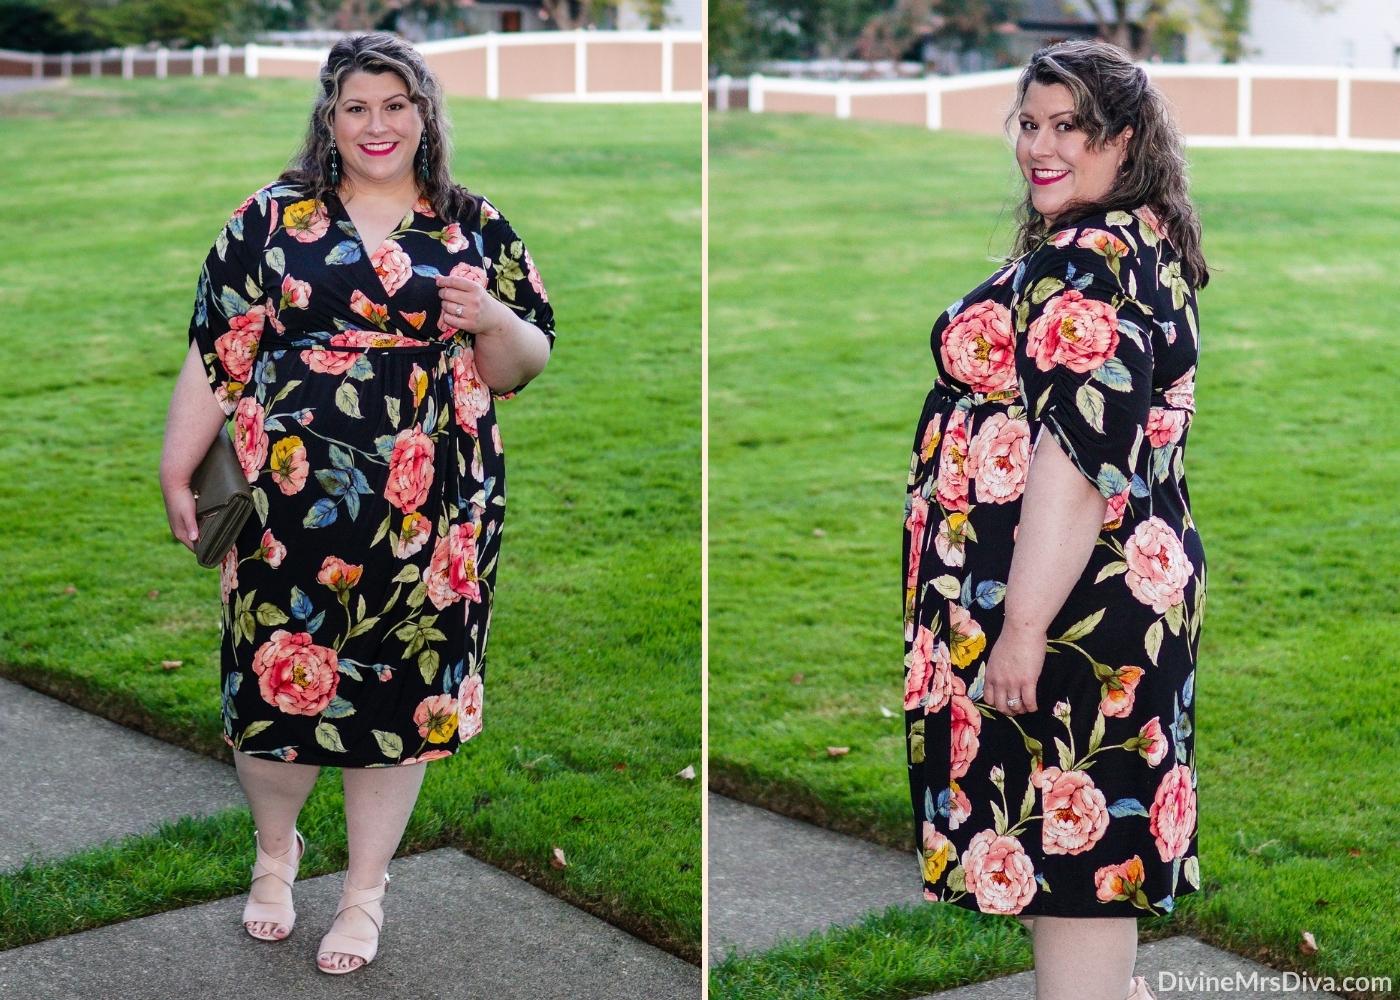 Reviewing Kiyonna's Eden Faux Wrap Dress -  DivineMrsDiva.com #psblogger #plussize #styleblogger #plussizeblogger #plussizefashion #psootd #ootd #plussizeclothing #outfit #style #40style #40plusblogger #Kiyonna #KiyonnaCurves #wrapdress